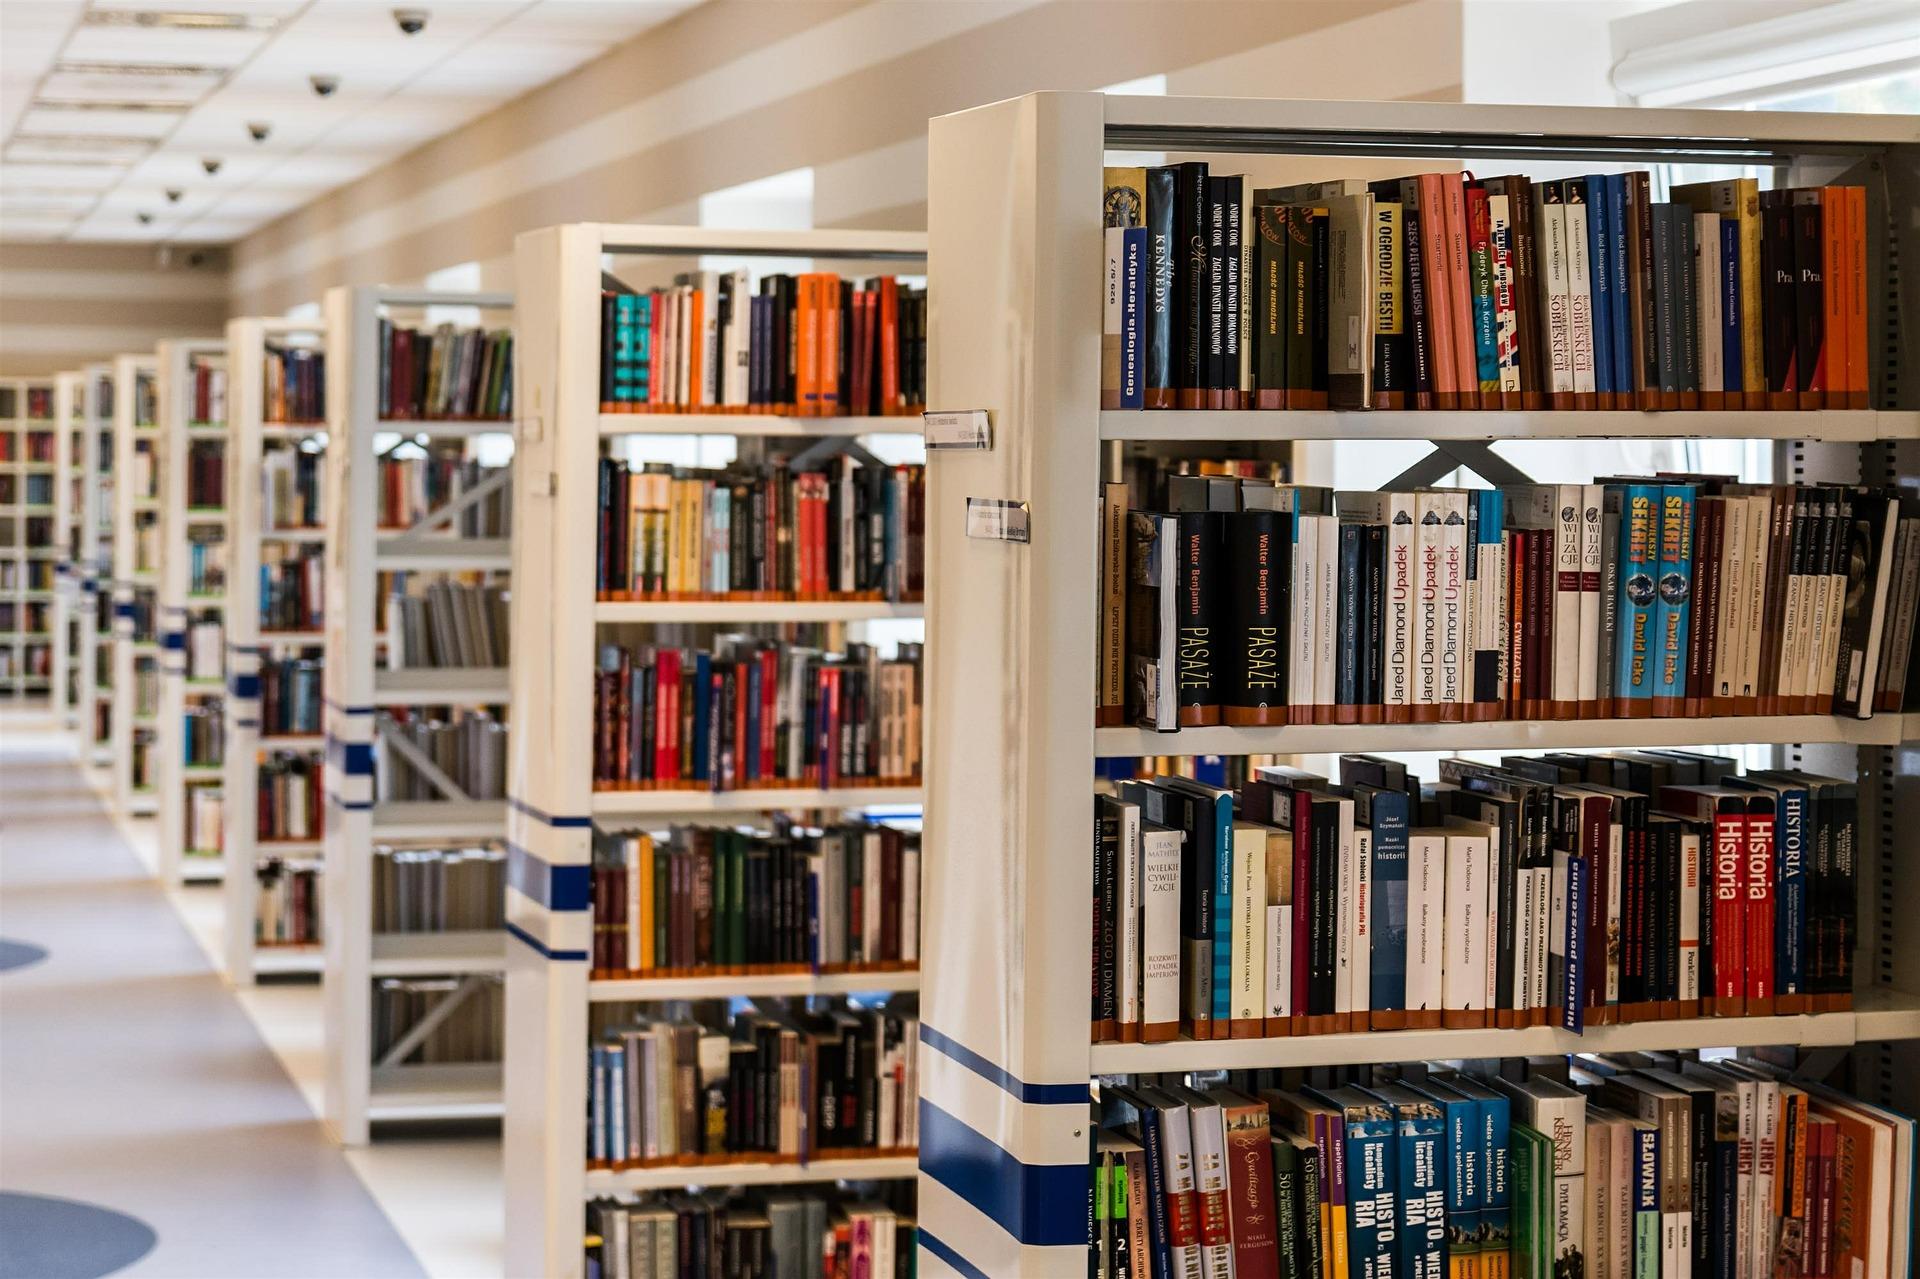 Rządowy program pomocy uczniom niepełnosprawnym w formie dofinansowania zakupu podręczników